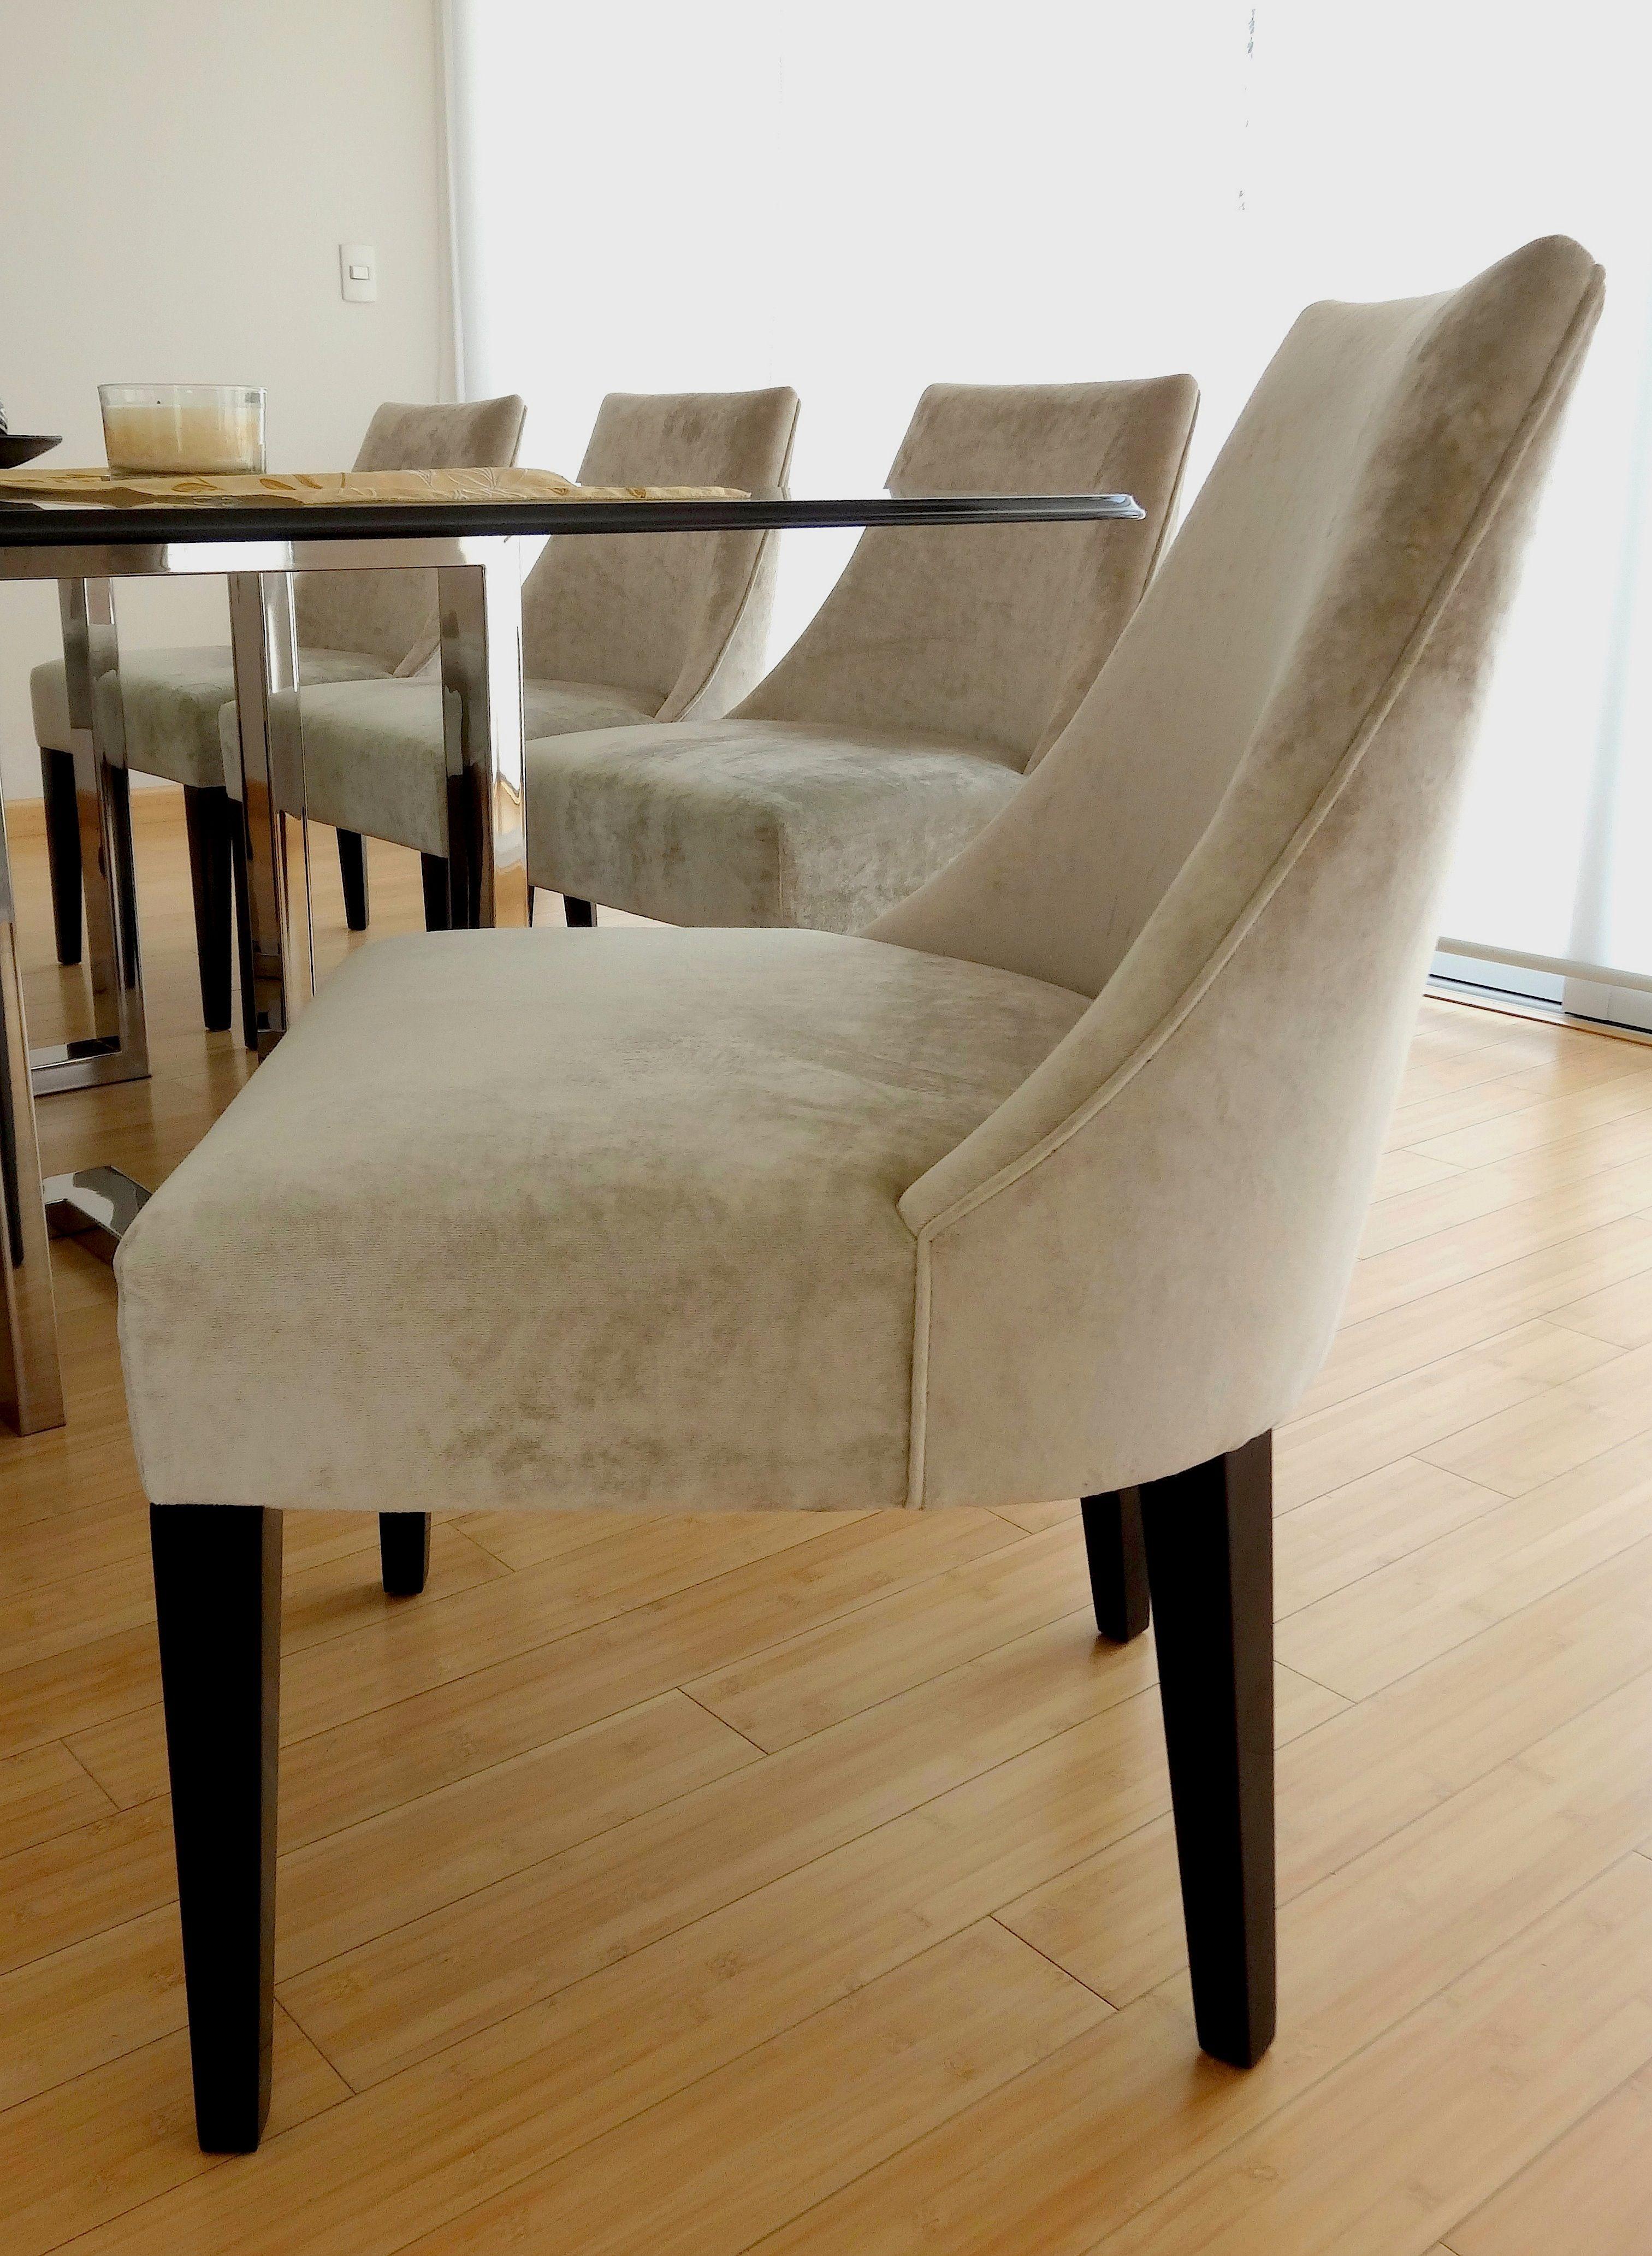 Silla florencia de la colecci n europa livingdesign for Europa muebles